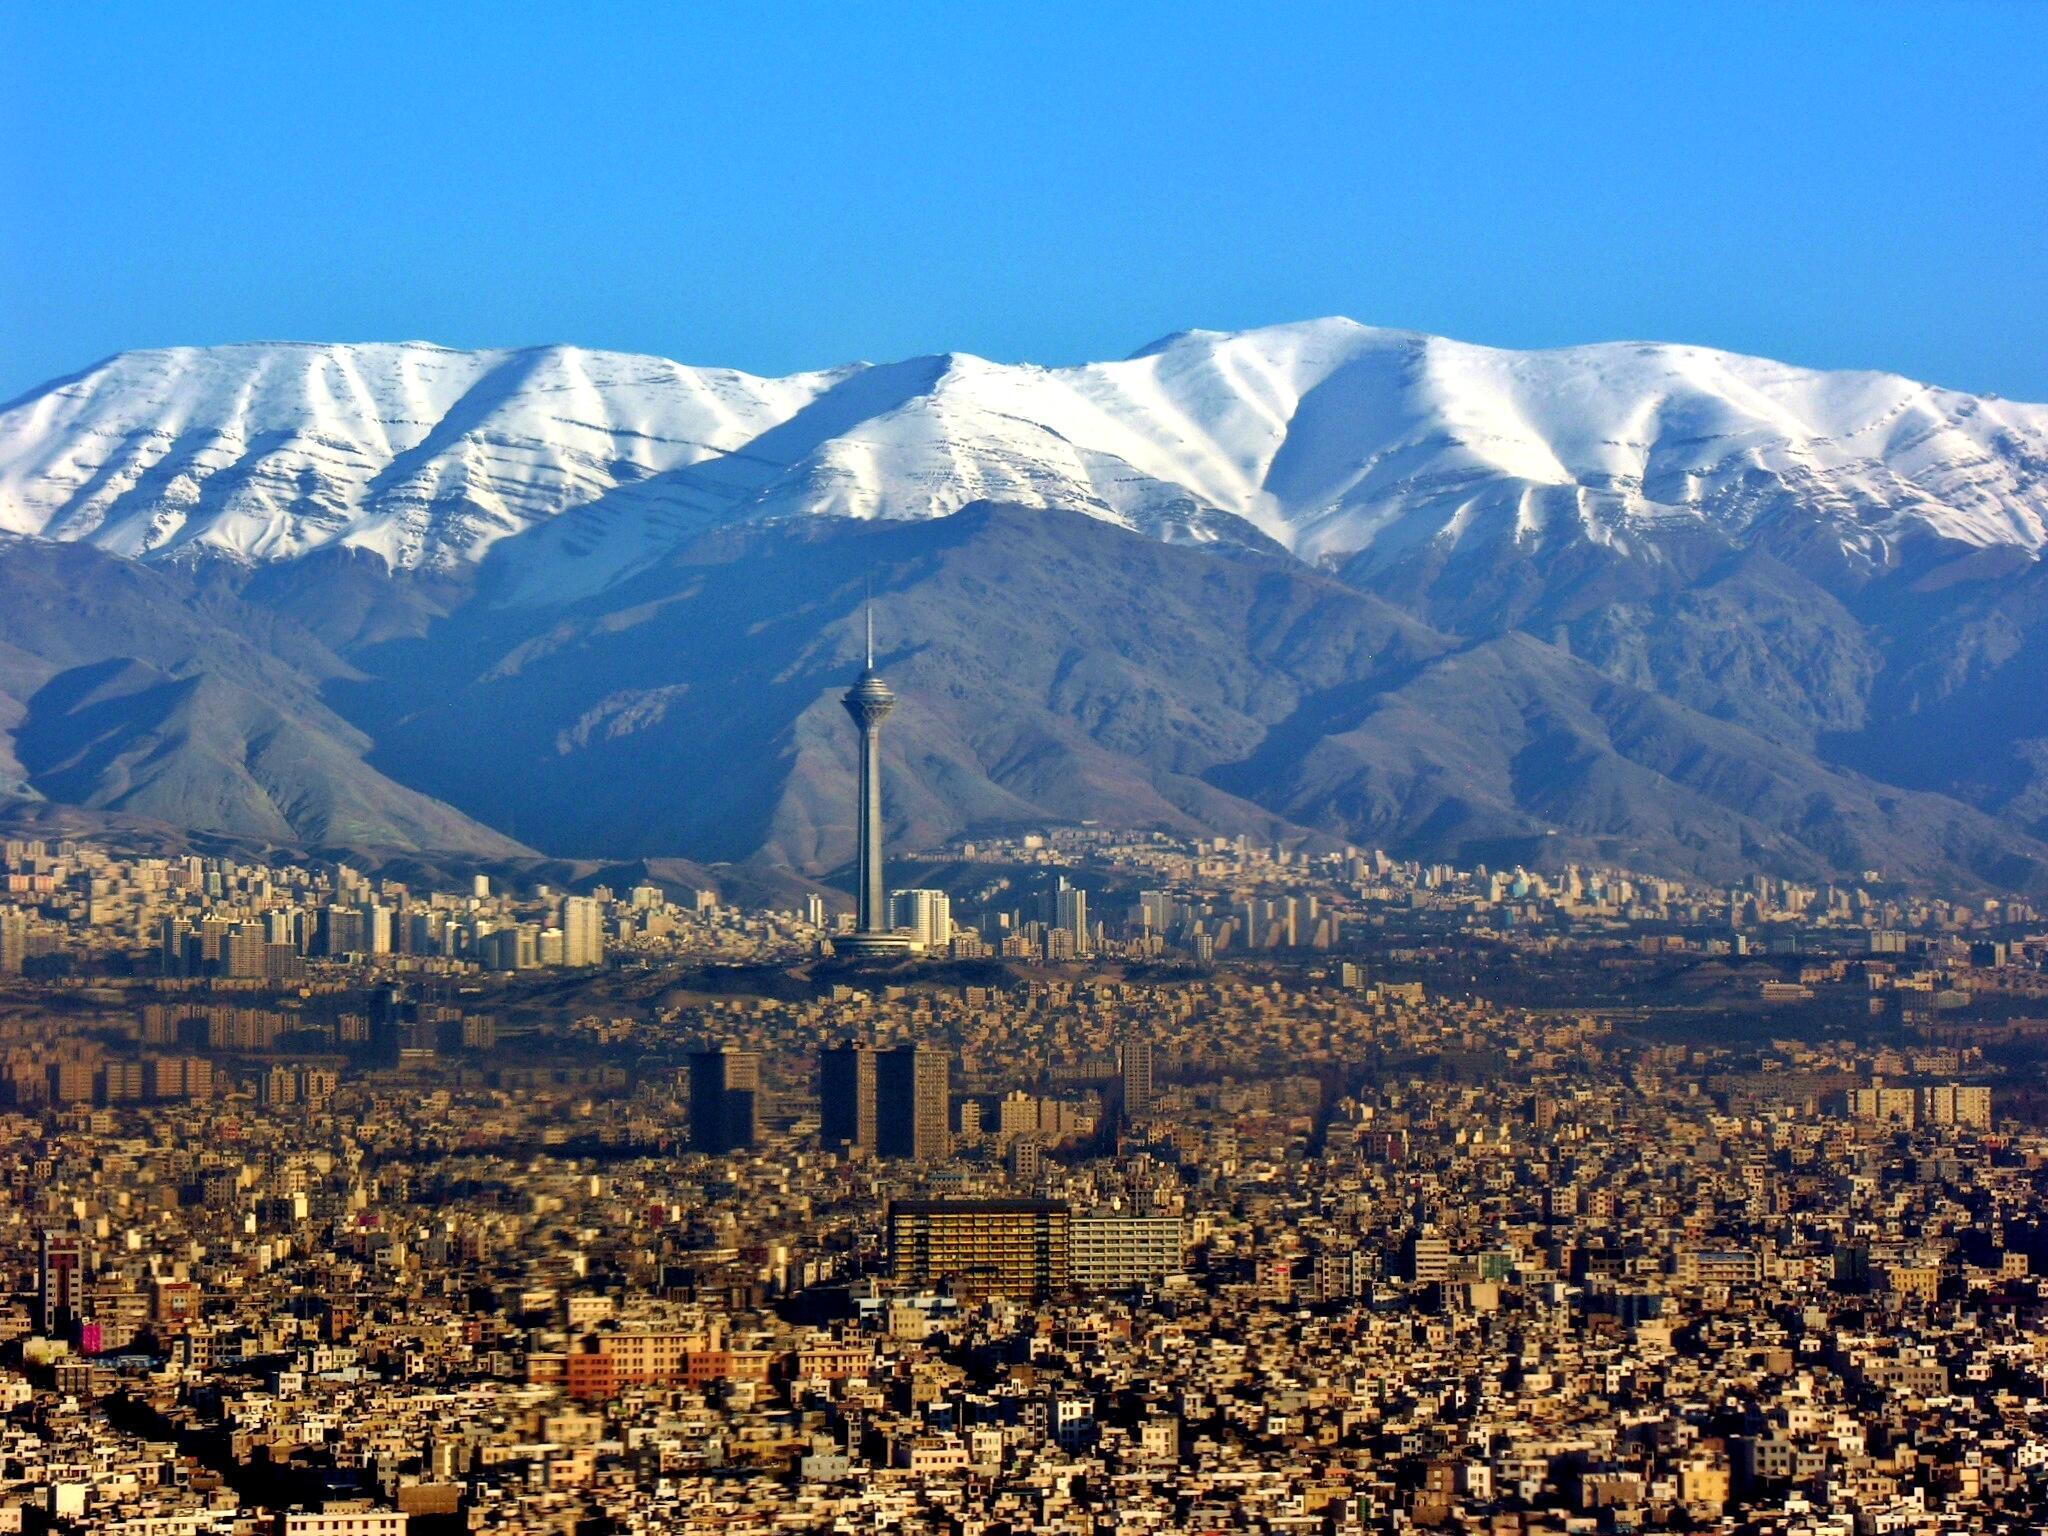 Tehran and the Alborz Mountains